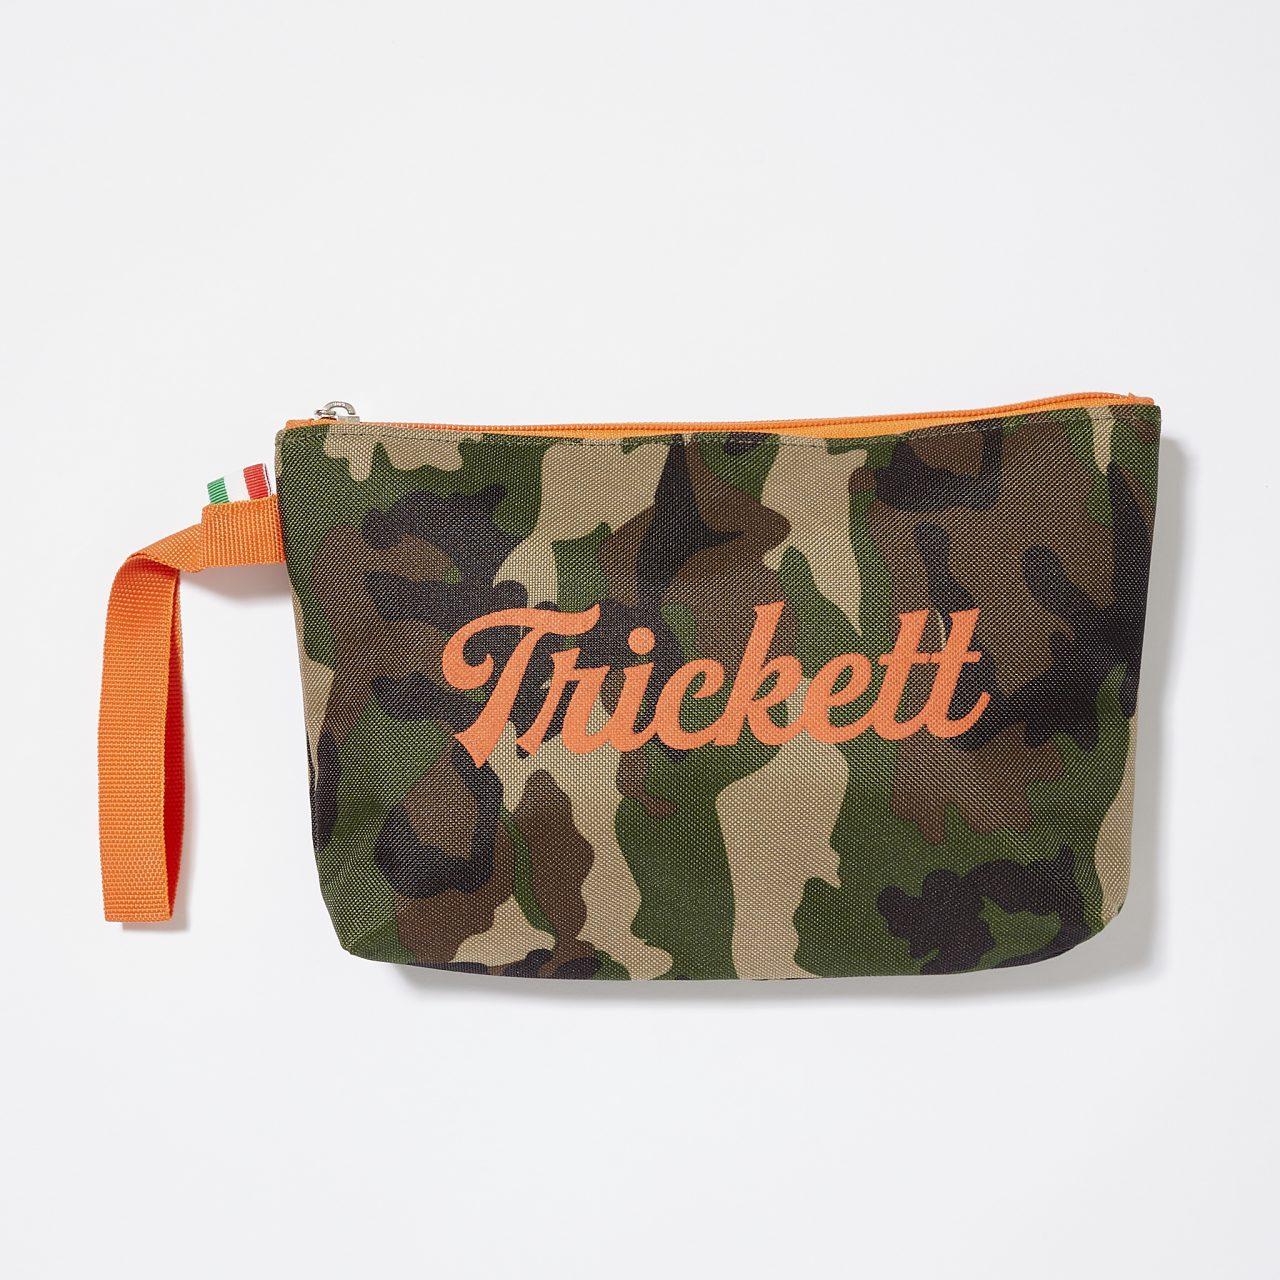 TRiCKETT Wash Bag